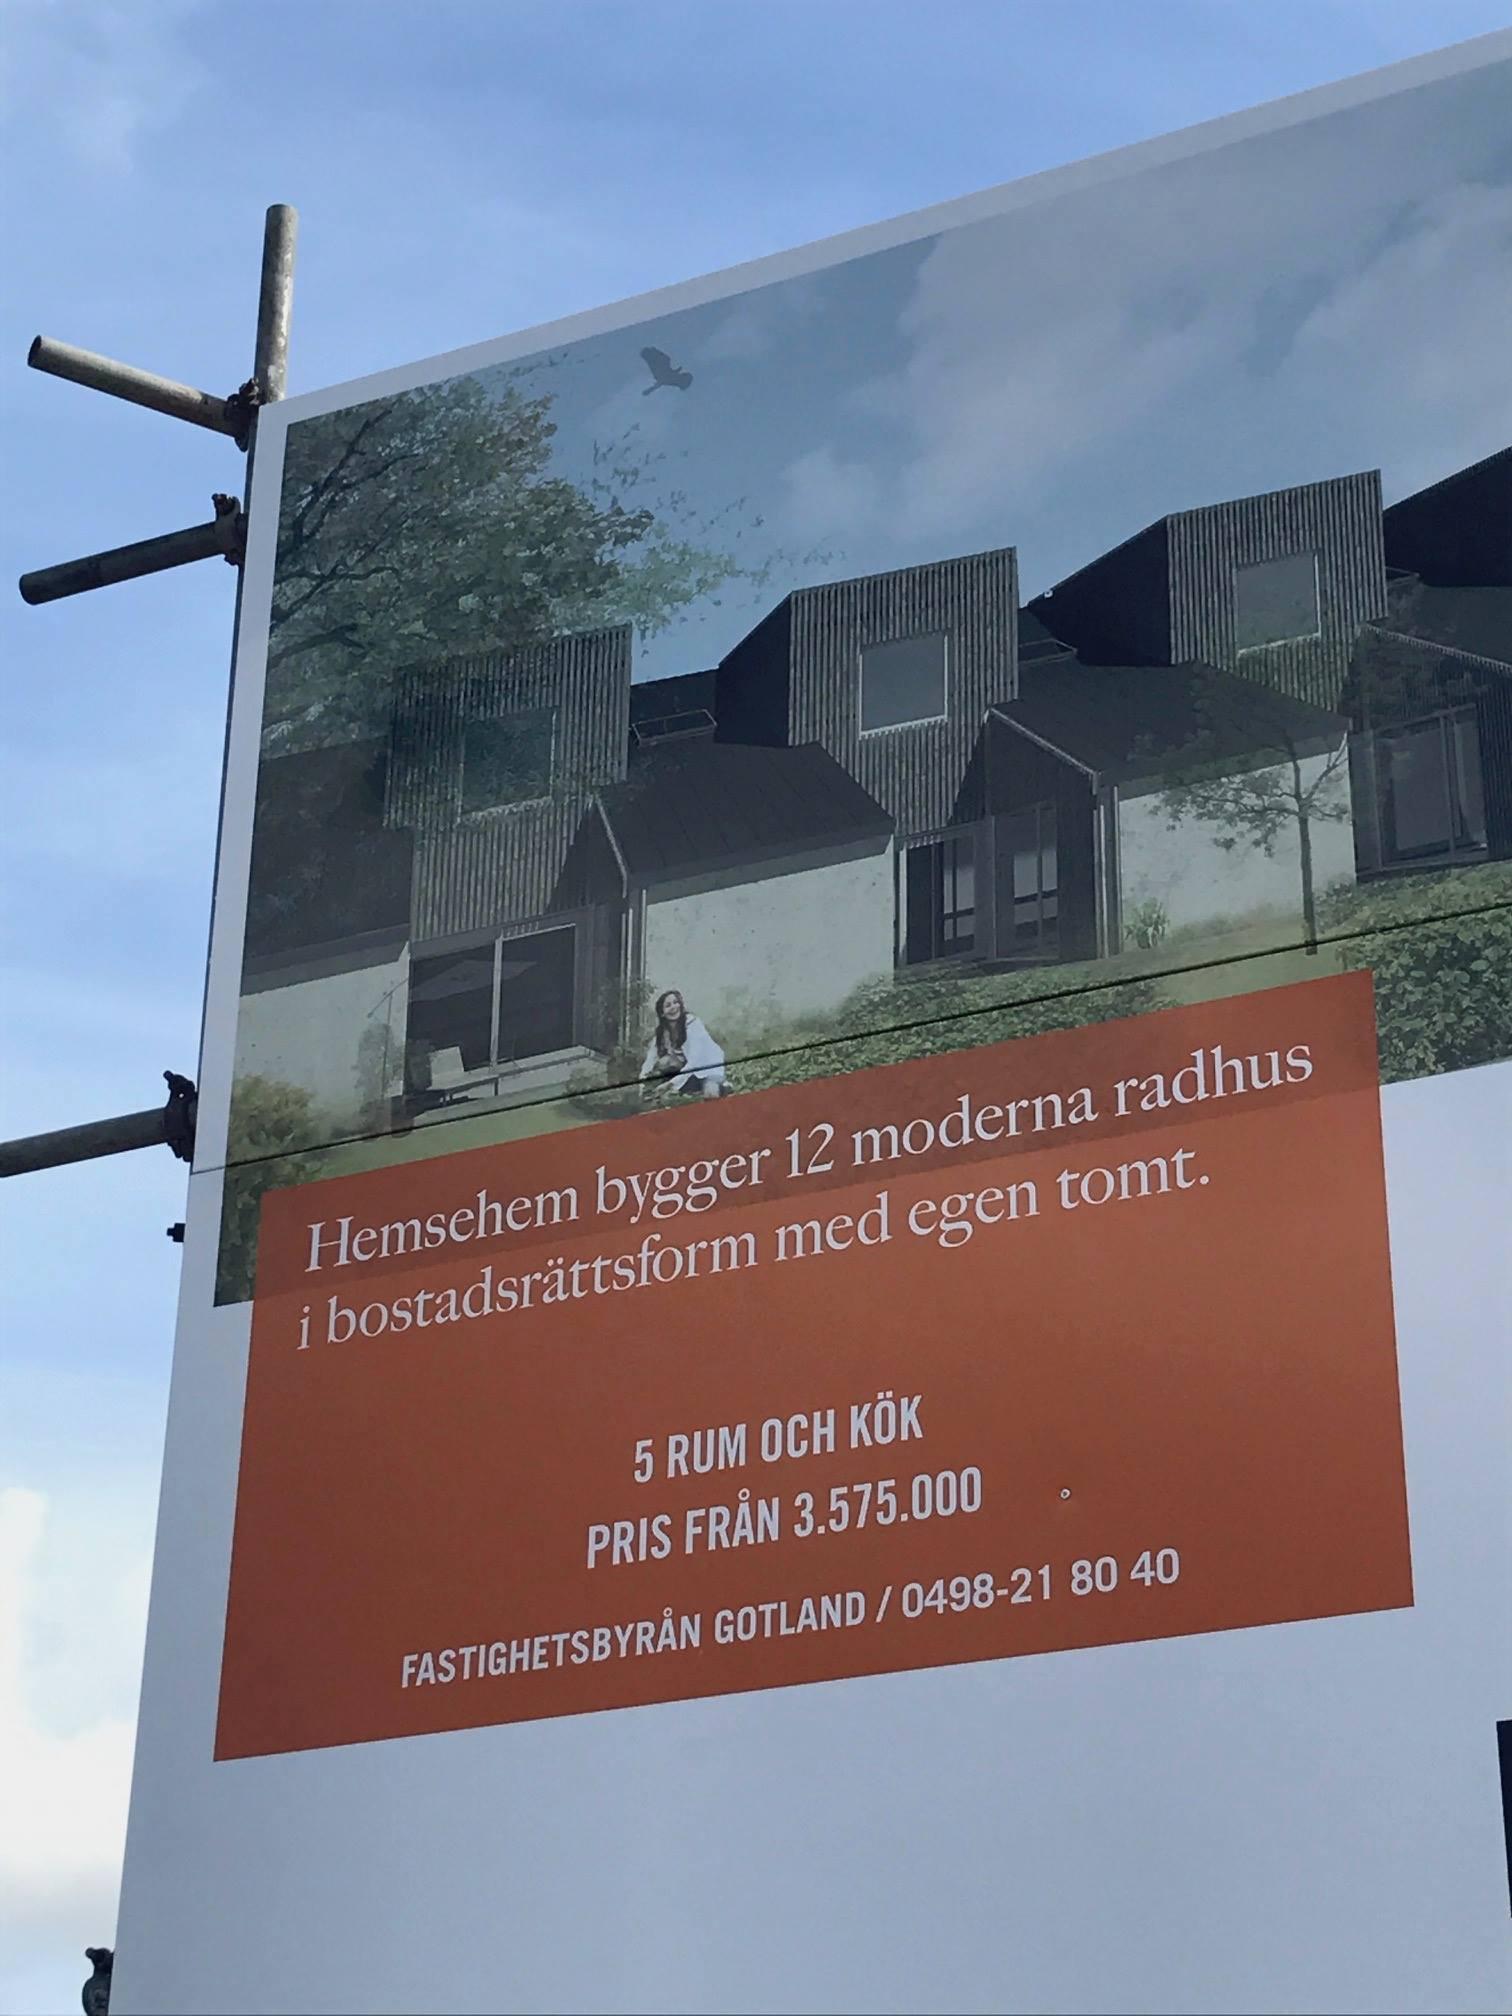 Nu drar vi igång bygget av 12 fina radhus i kvarteret Malajen vid A7 några minut... 2